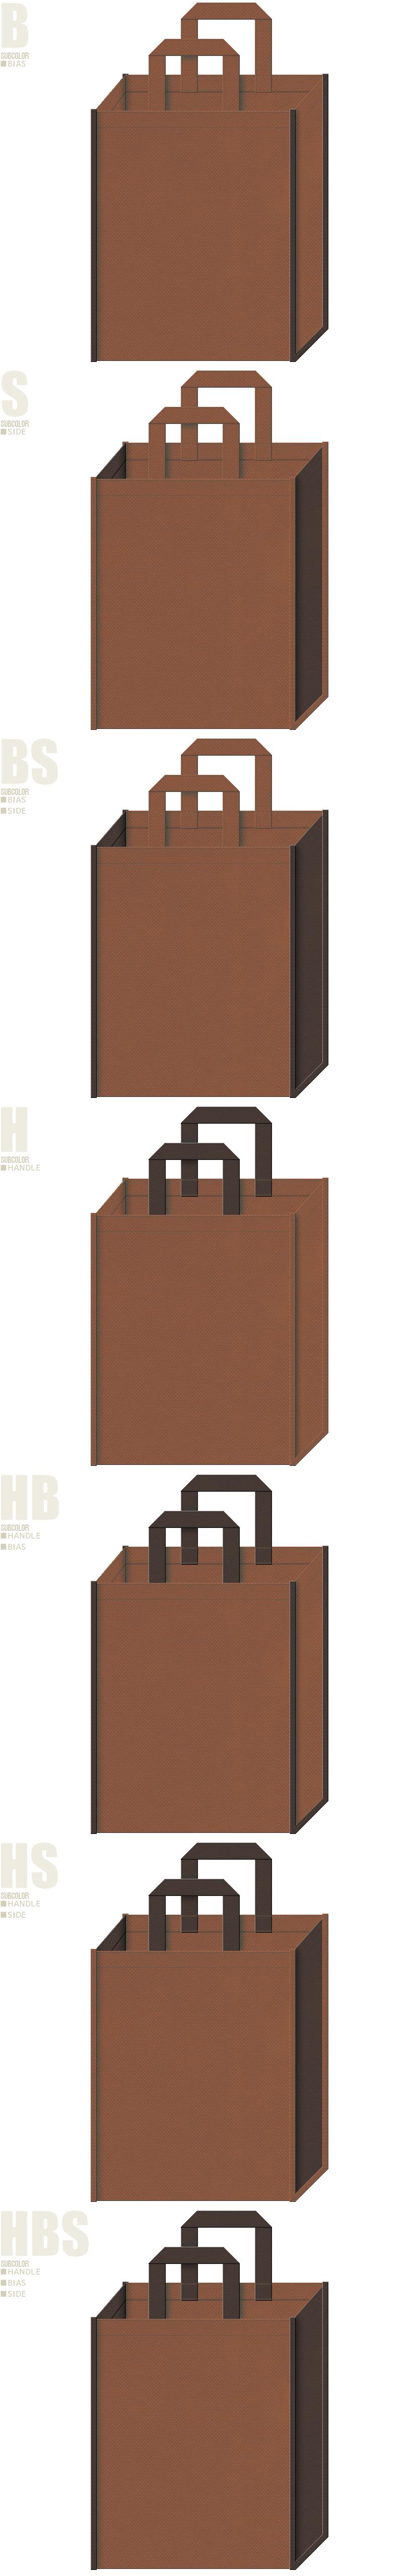 住宅展示場・ログハウス・木製インテリアの展示会用バッグ、ベーカリーショップのショッピングバッグにお奨めです。茶色とこげ茶色、7パターンの不織布トートバッグ配色デザイン例。ショコラ・石釜風・レンガのイメージ。